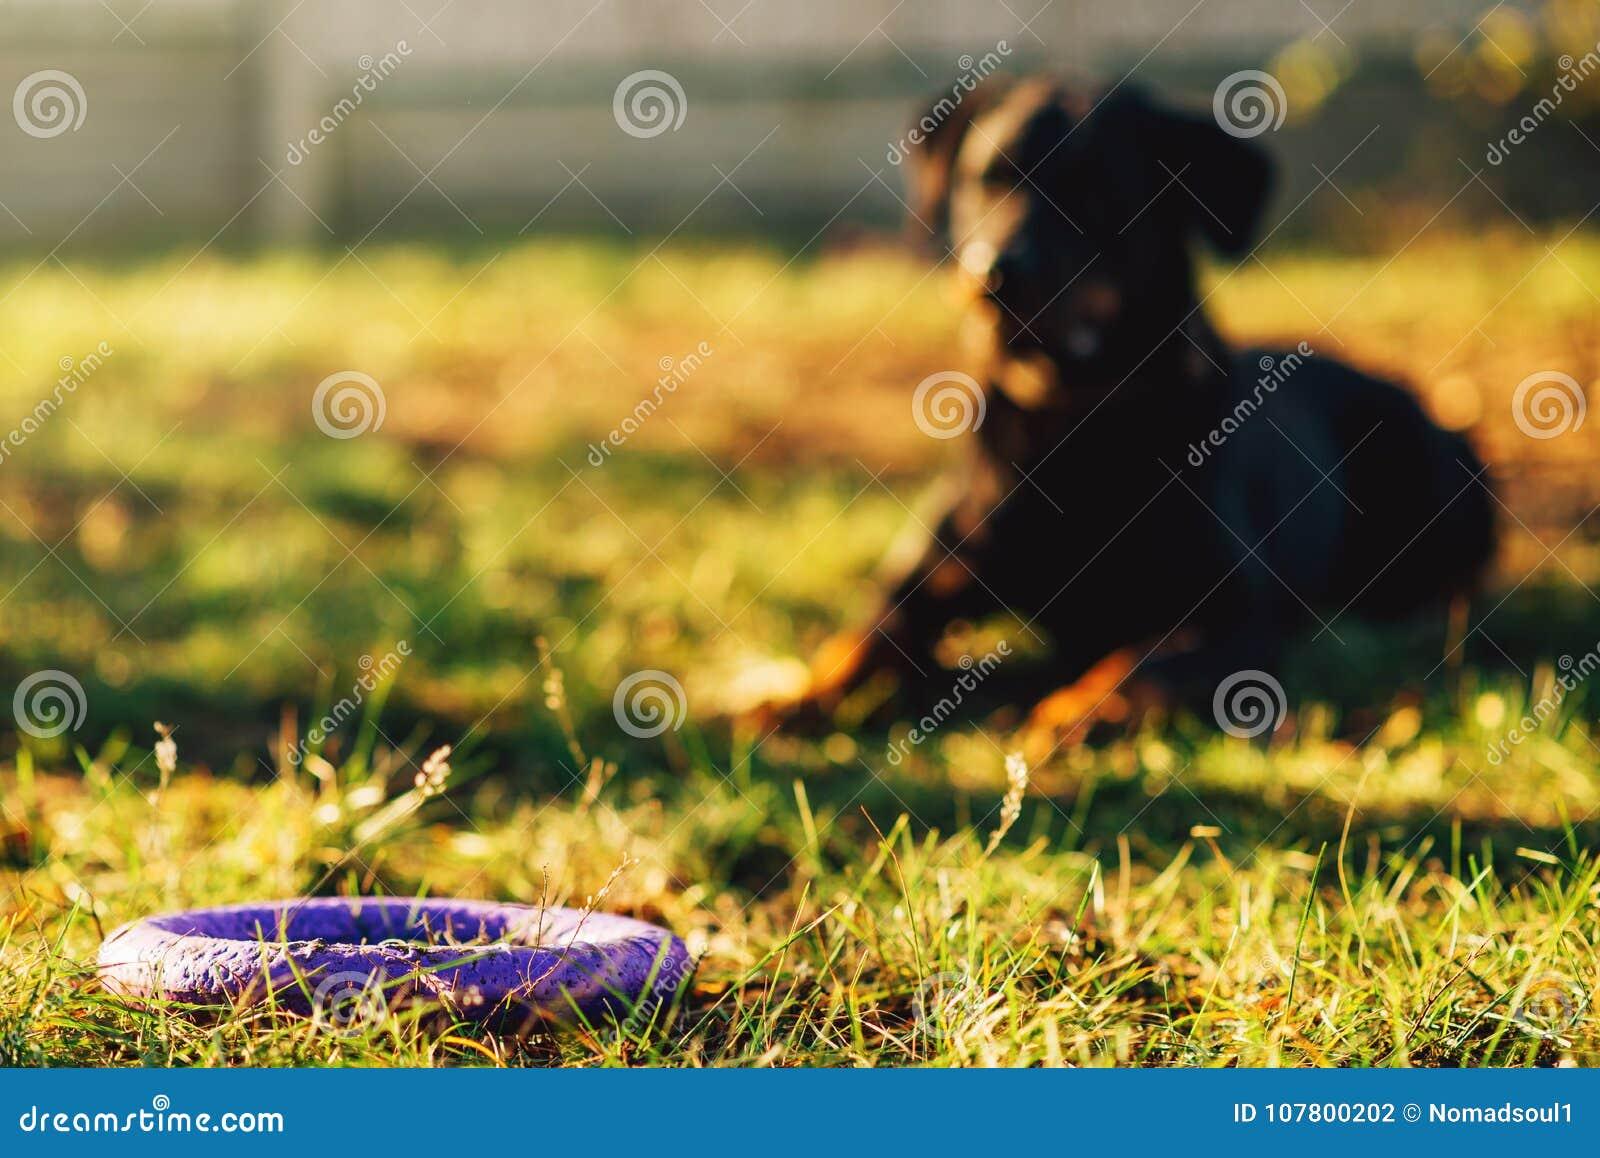 Ausgebildeter Wachhund